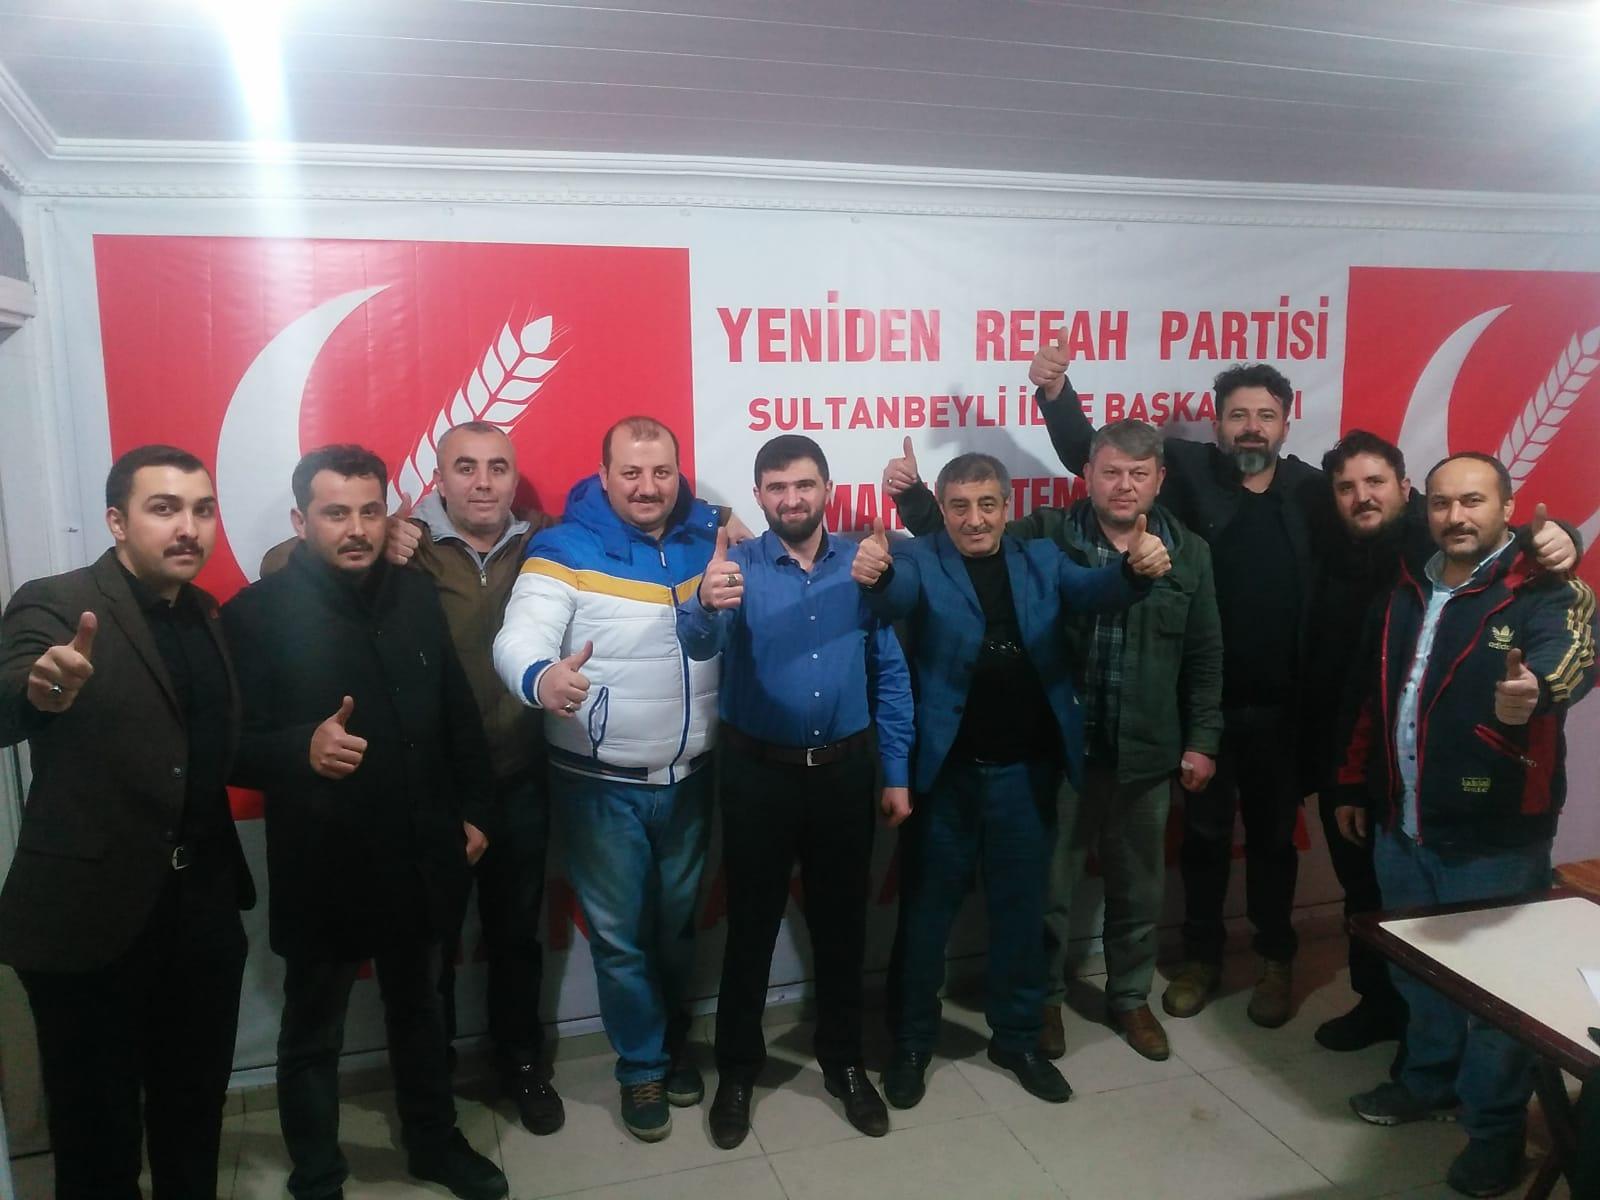 Erbakan'ın dava arkadaşları Sultanbeyli'de tarih yazıyor